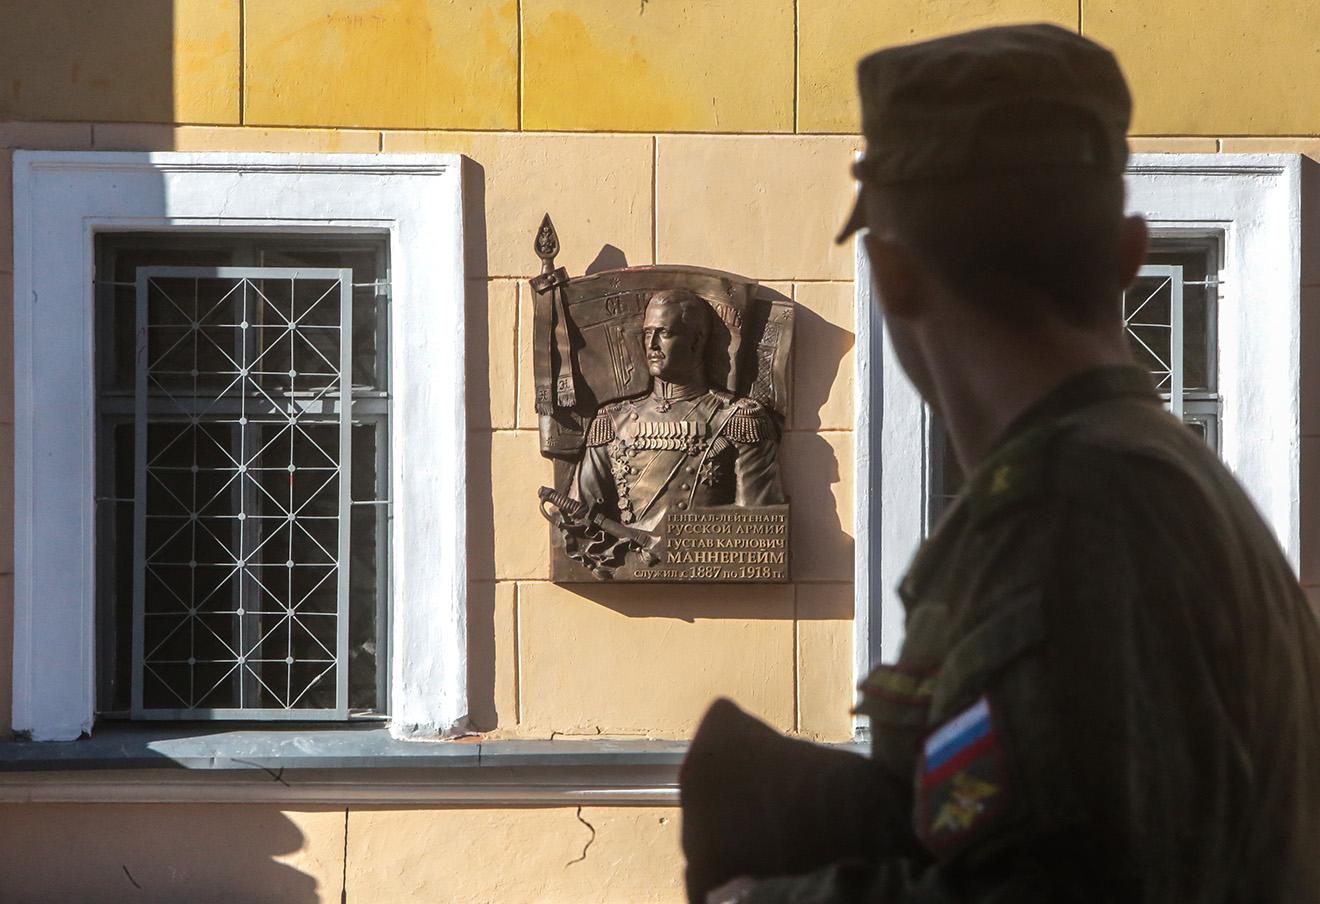 Памятная доска маршалу Маннергейму в Санкт-Петербурге. Фото: Сергей Коньков / ТАСС